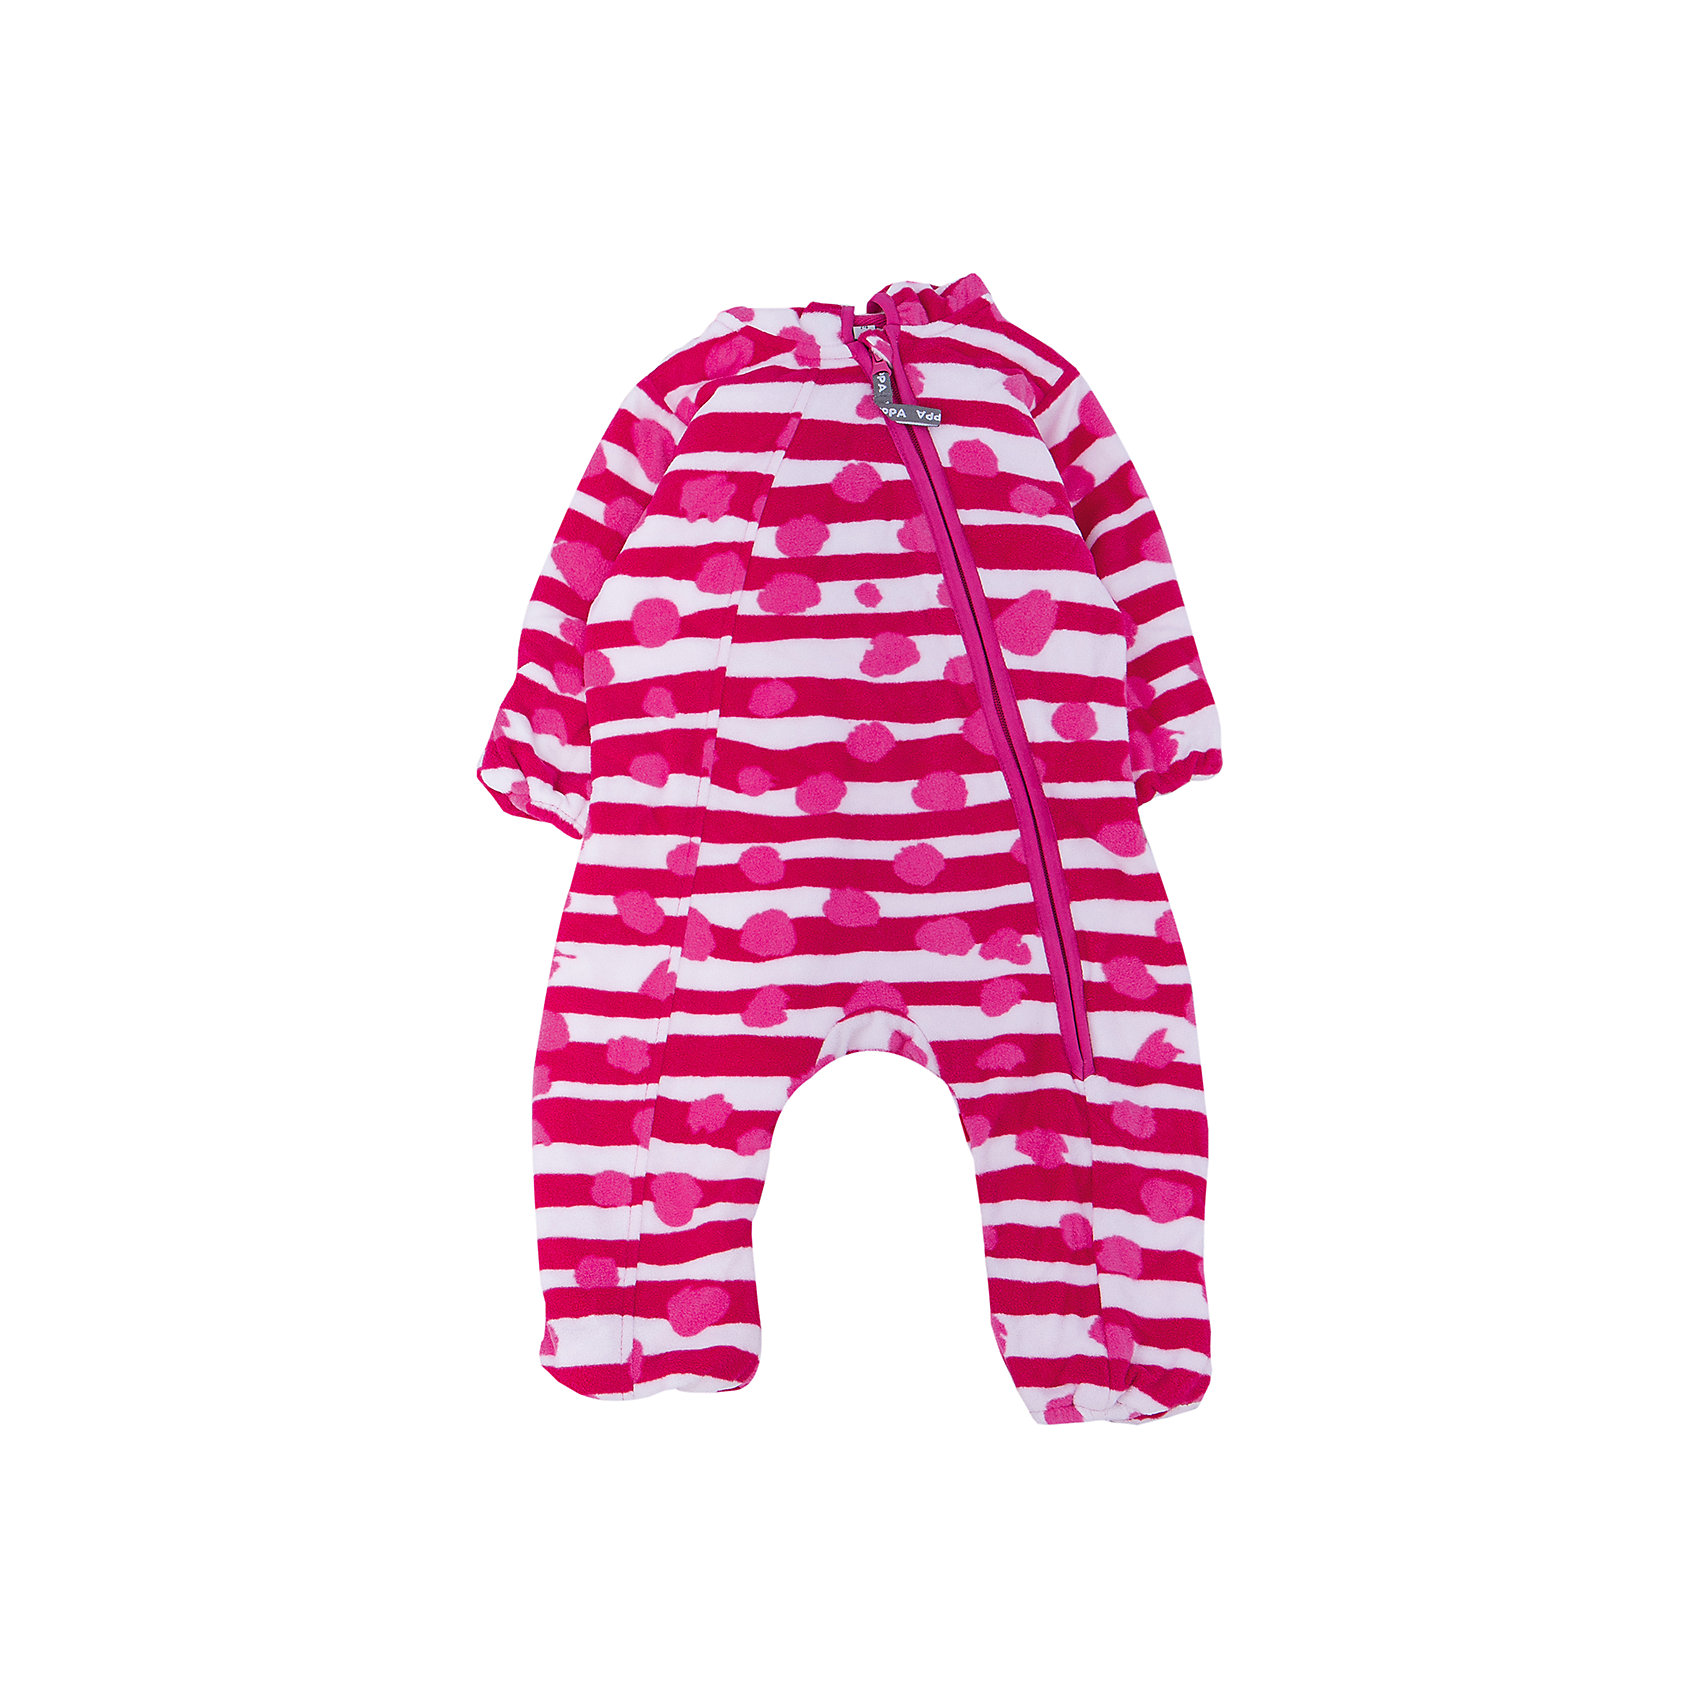 Комбинезон флисовый Dandy для девочки HuppaХарактеристики товара:<br><br>• цвет: розовый<br>• состав: 100% полиэстер (флис)<br>• молния<br>• эластичные манжеты<br>• воротник-стойка<br>• низ штанин эластичный<br>• капюшон<br>• комфортная посадка<br>• мягкий материал<br>• страна бренда: Эстония<br><br>Такой комбинезон обеспечит малышам тепло и комфорт. Он сделан из приятного на ощупь материала с мягким ворсом, поэтому изделие не колется и не натирает. Для удобства одевания сделана длинная молния. Комбинезон очень симпатично смотрится, яркая расцветка и крой добавляют ему оригинальности. Модель была разработана специально для малышей.<br><br>Одежда и обувь от популярного эстонского бренда Huppa - отличный вариант одеть ребенка можно и комфортно. Вещи, выпускаемые компанией, качественные, продуманные и очень удобные. Для производства изделий используются только безопасные для детей материалы. Продукция от Huppa порадует и детей, и их родителей!<br><br>Комбинезон для девочки от бренда Huppa (Хуппа) можно купить в нашем интернет-магазине.<br><br>Ширина мм: 356<br>Глубина мм: 10<br>Высота мм: 245<br>Вес г: 519<br>Цвет: розовый<br>Возраст от месяцев: 12<br>Возраст до месяцев: 18<br>Пол: Женский<br>Возраст: Детский<br>Размер: 86,74,62,68,80<br>SKU: 4928592